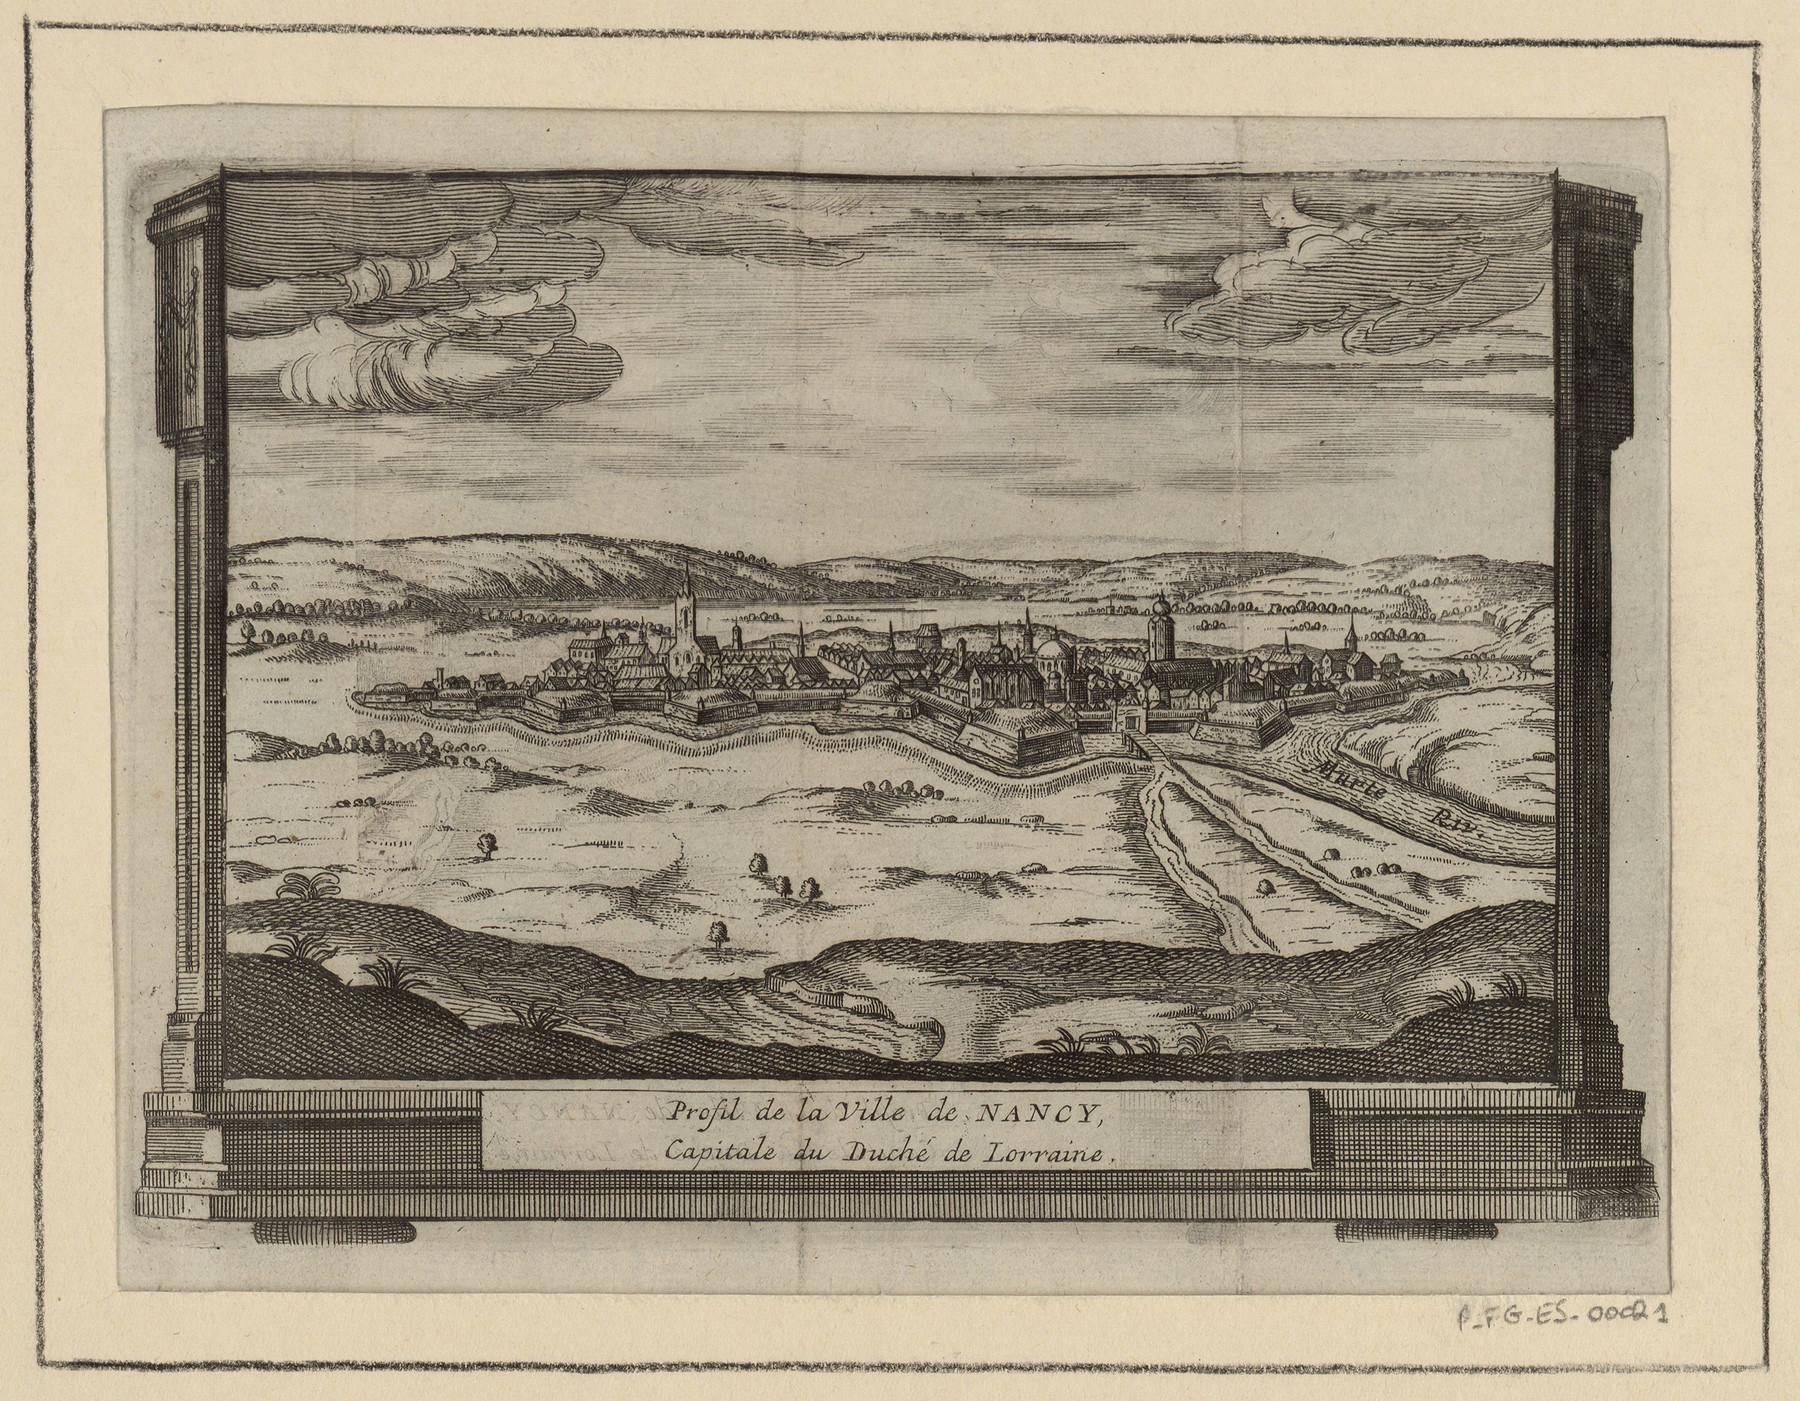 Contenu du Profil de la Ville de Nancy, Capitale du Duché de Lorraine. Vers 1702